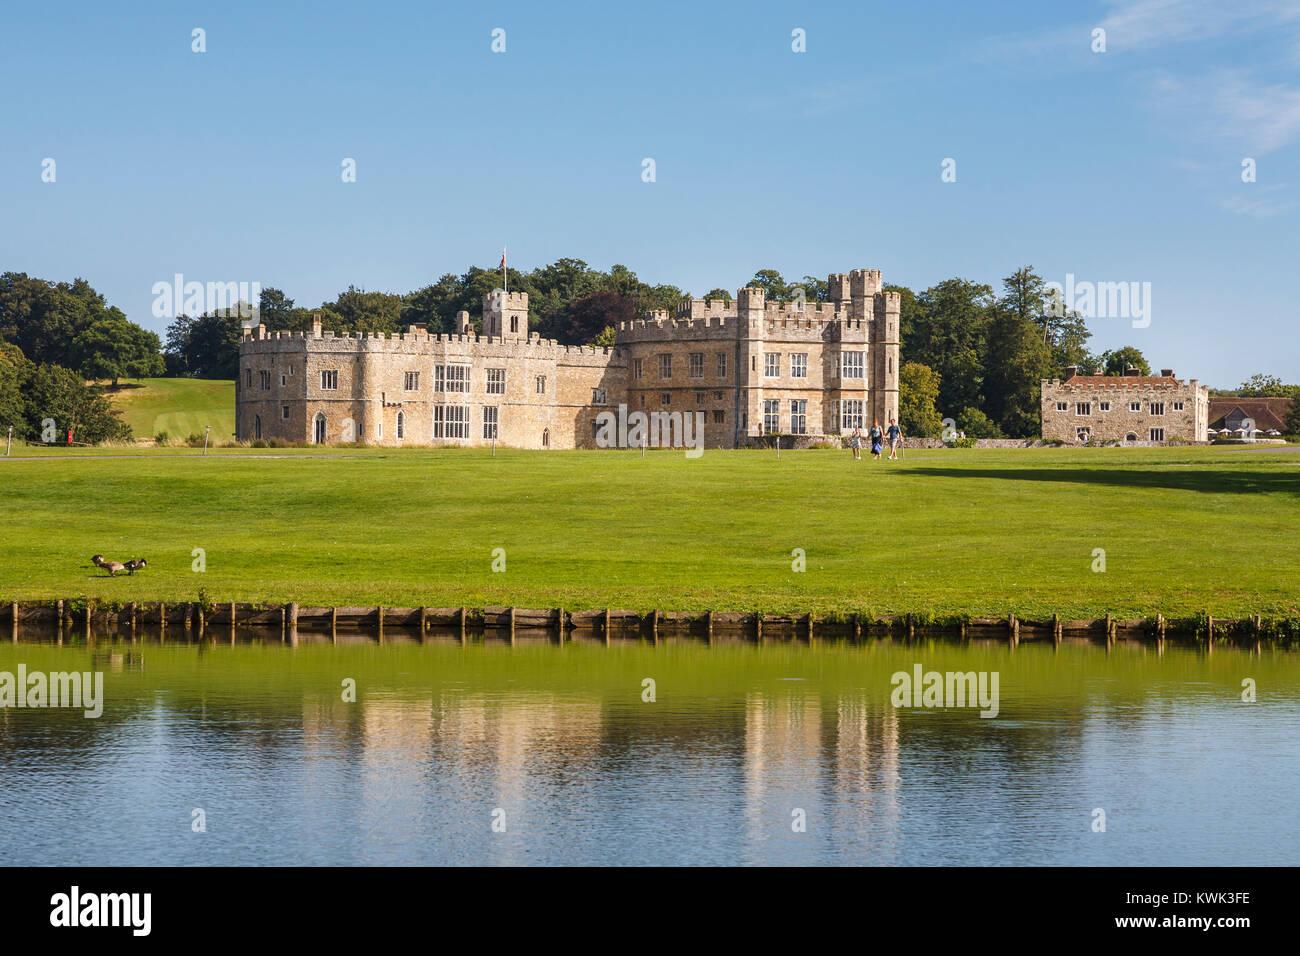 Blick auf das Äußere des Leeds Castle, in der Nähe von Maidstone, Kent, Südosten, England, Grossbritannien Stockbild